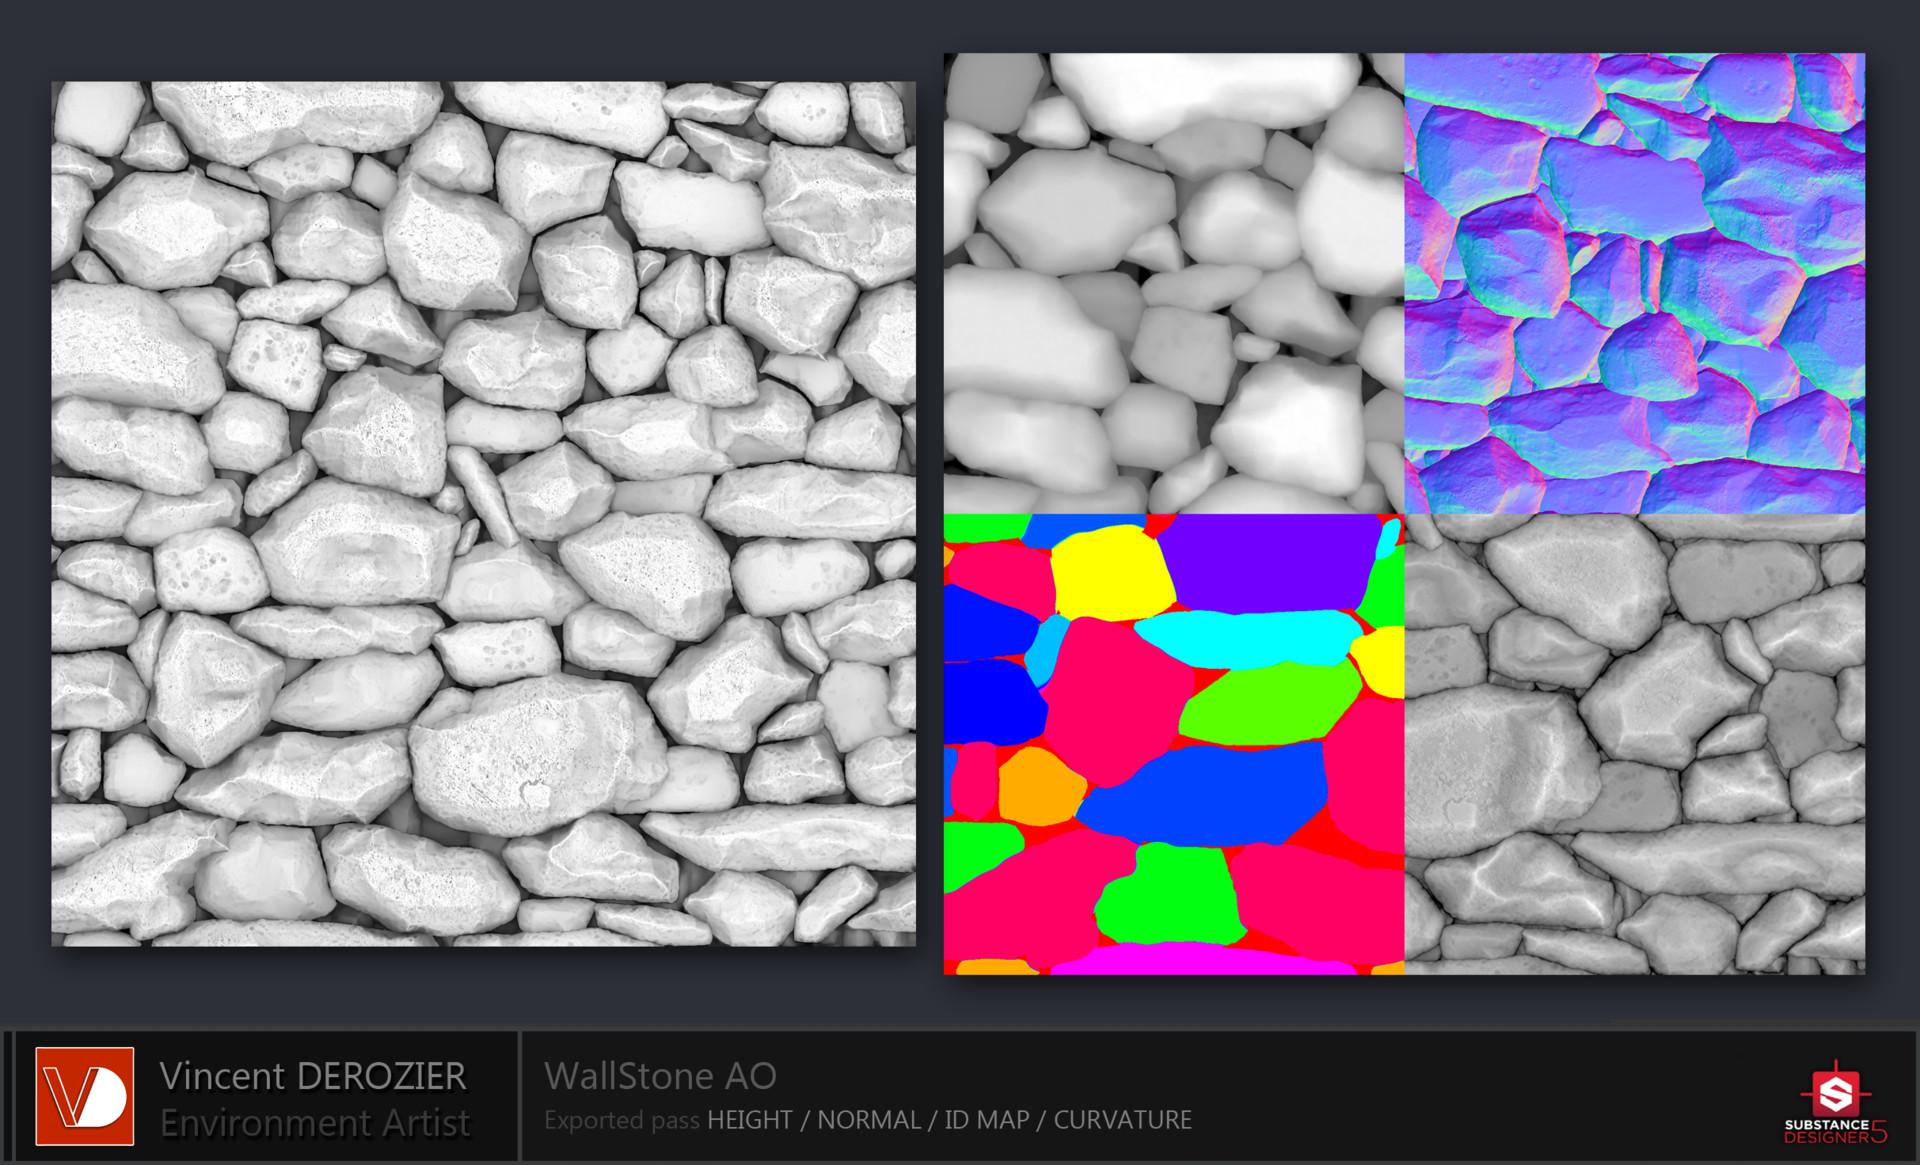 Vincent derozier wallstone 01 a